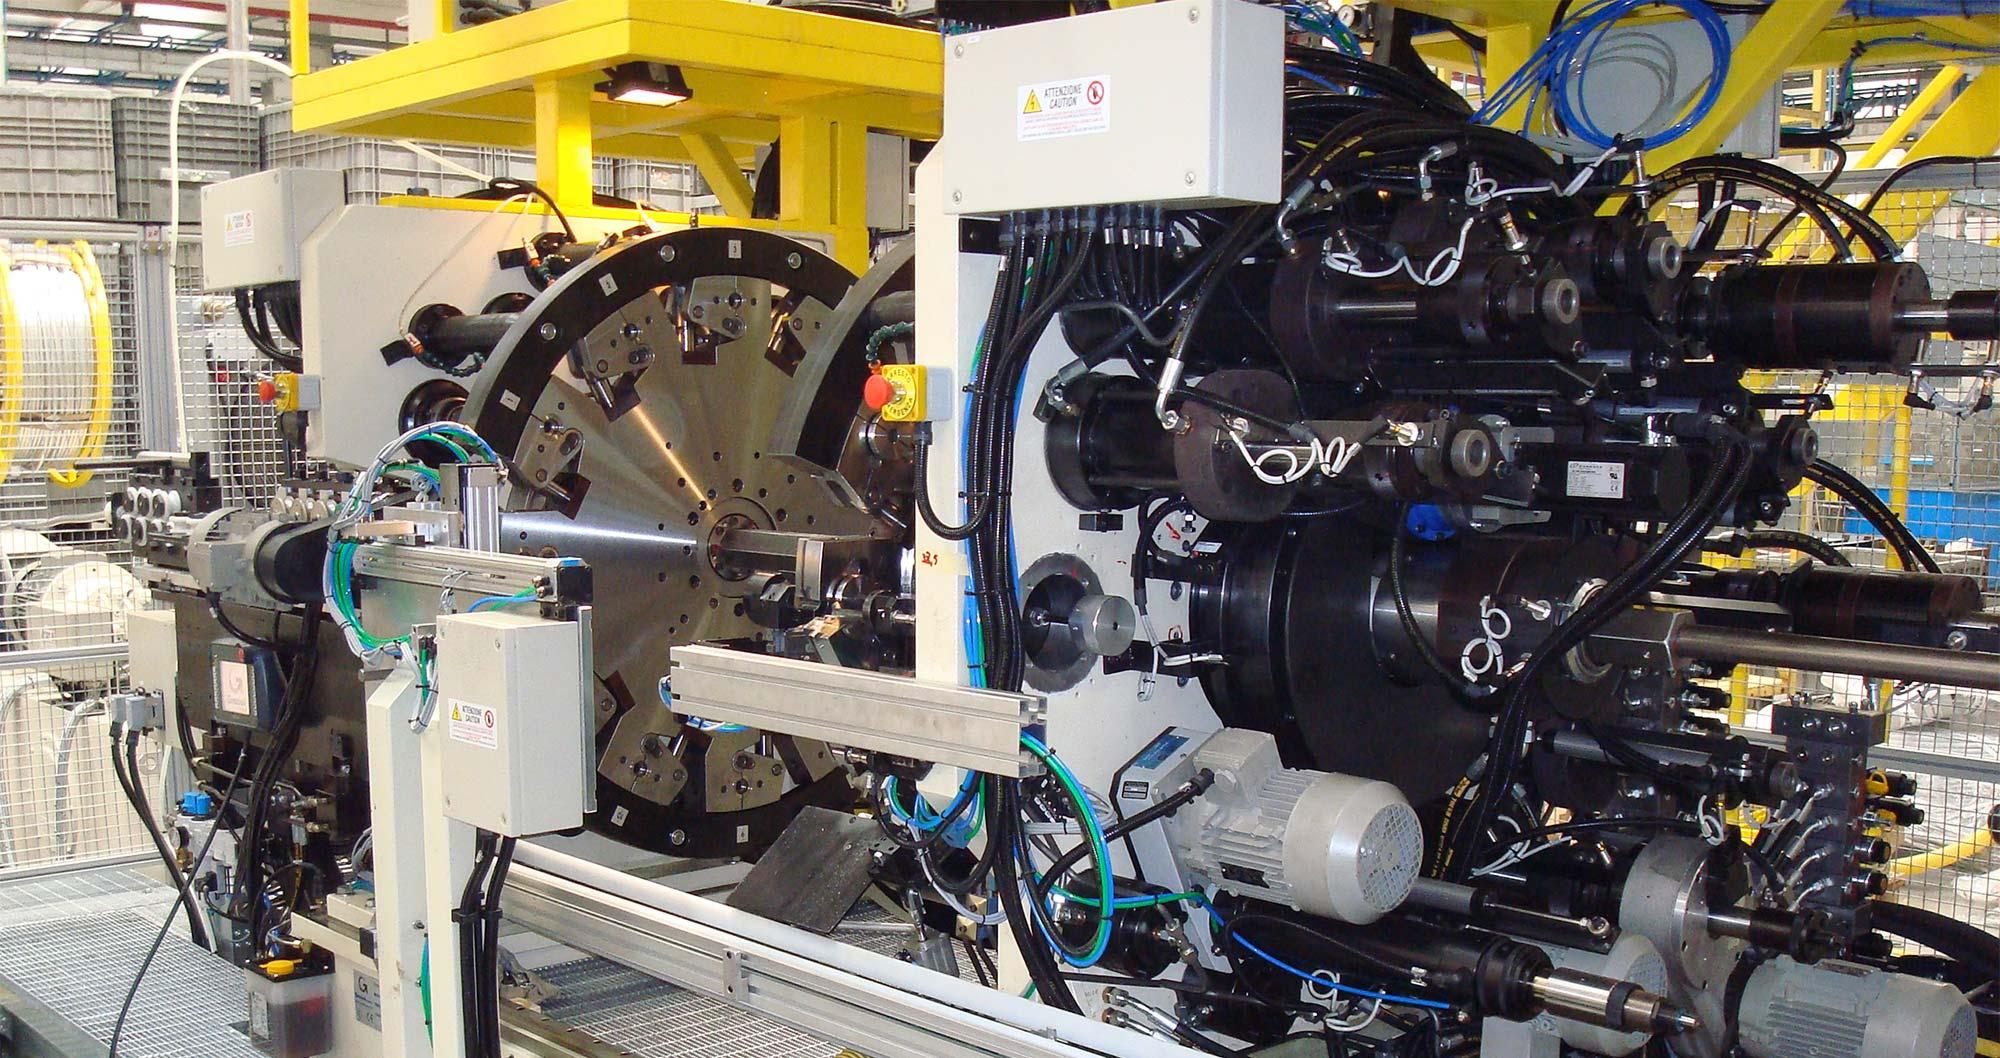 Schemi Elettrici Impianti : Automazione industriale brescia impianti per macchine di